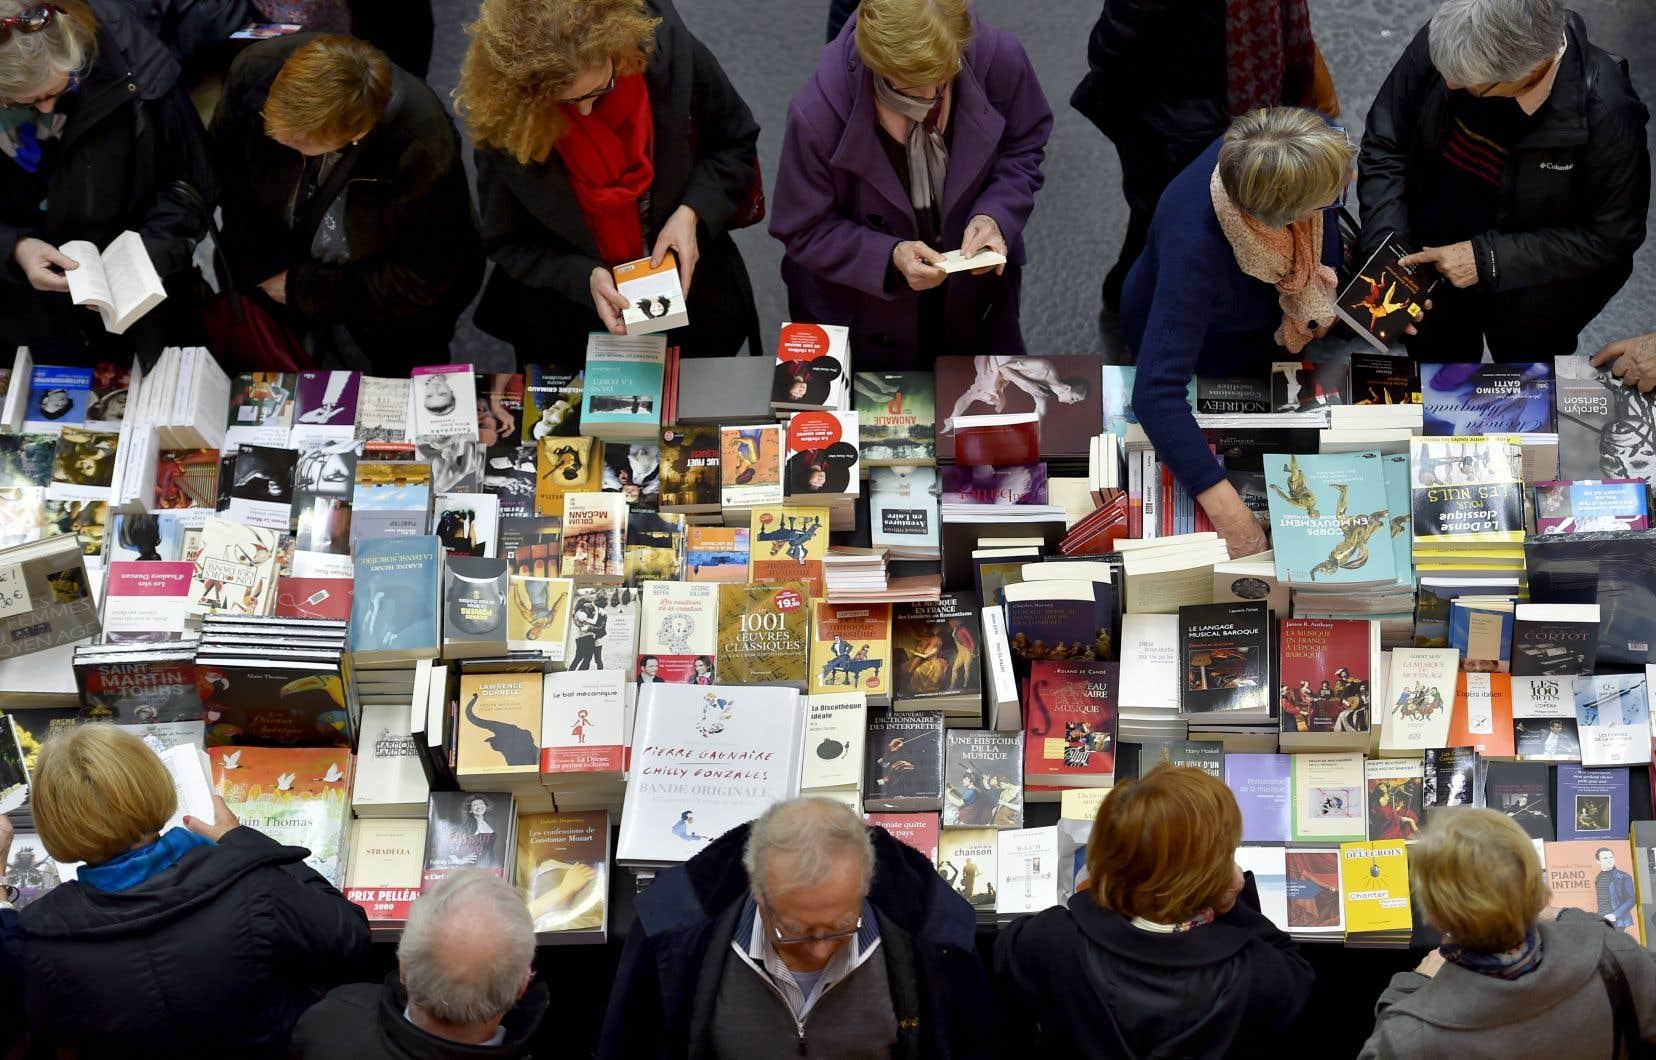 «Les idéologues ne désirent rien tant qu'assujettir l'art, et surtout la littérature, à leur idéologie», affirme l'auteur.